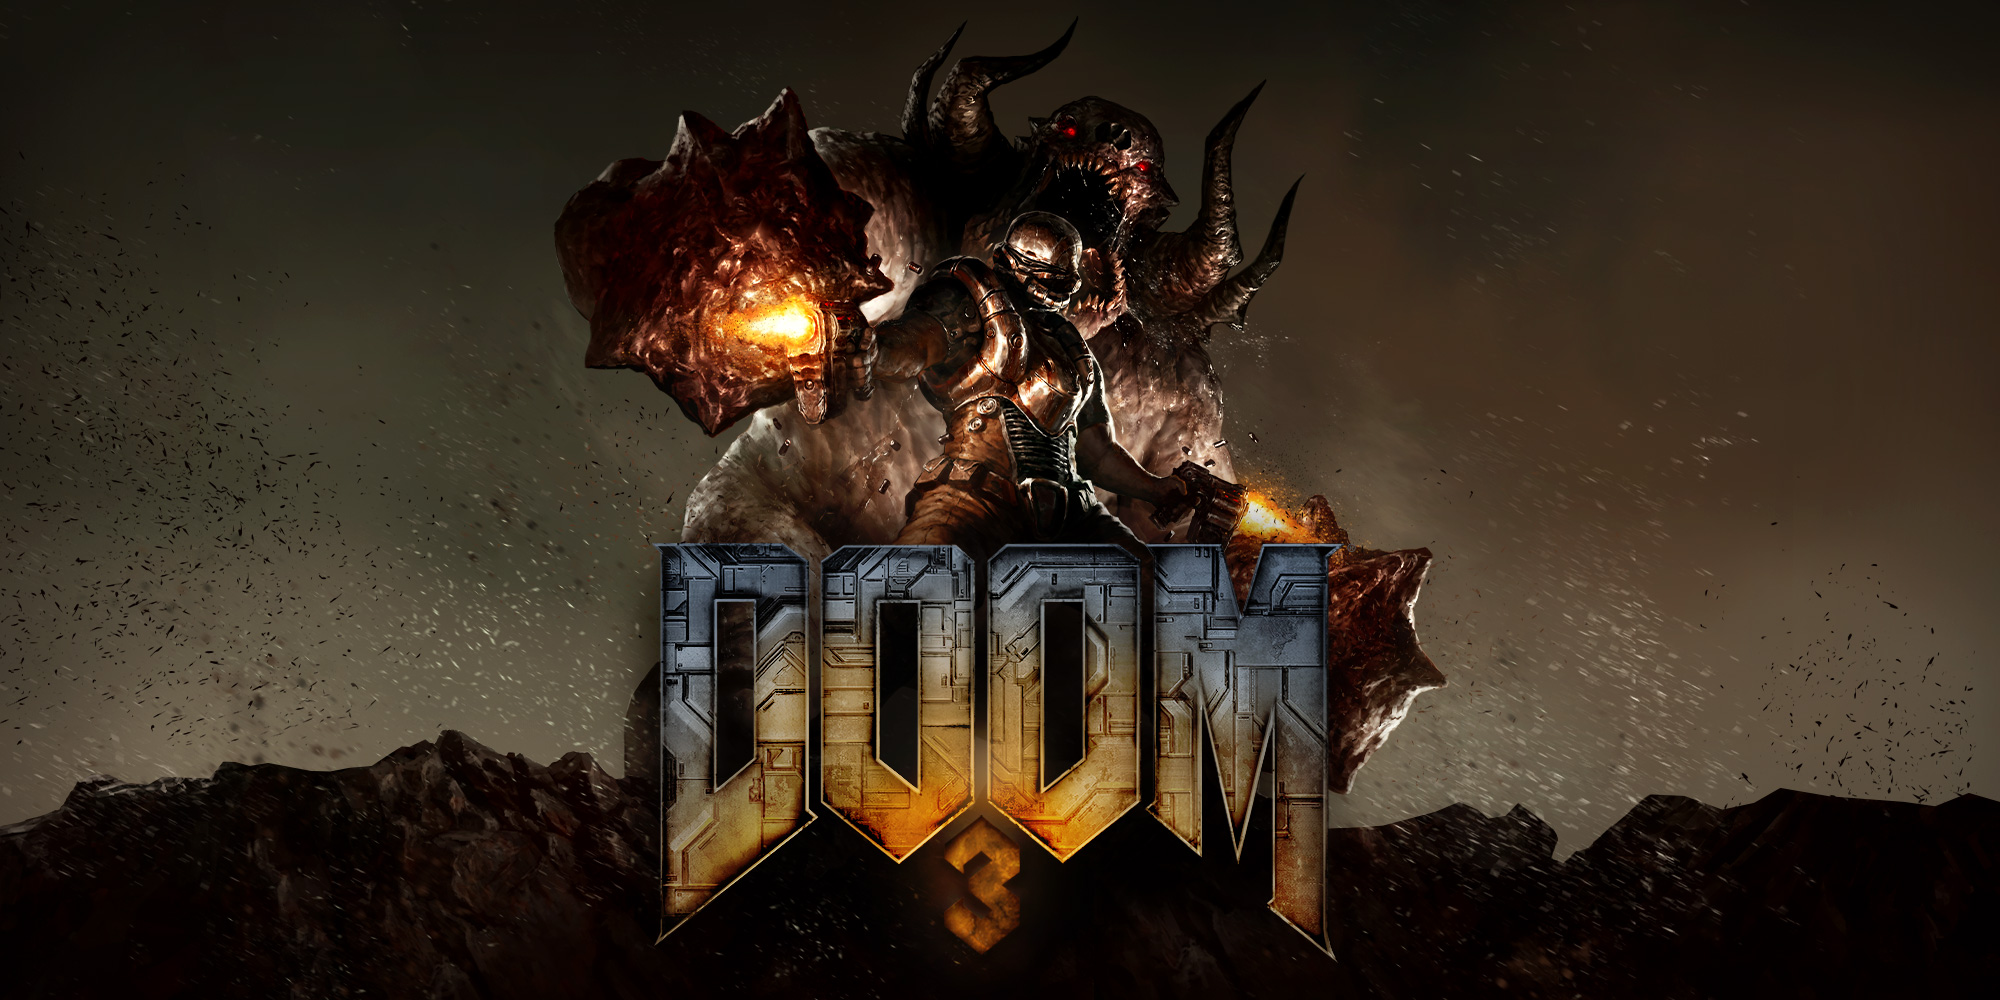 doom 3 es un juegazo que en esta entrega nos mete en ambientes mas oscuros y claustrofobicos a matar demonios salidos del mismo infierno